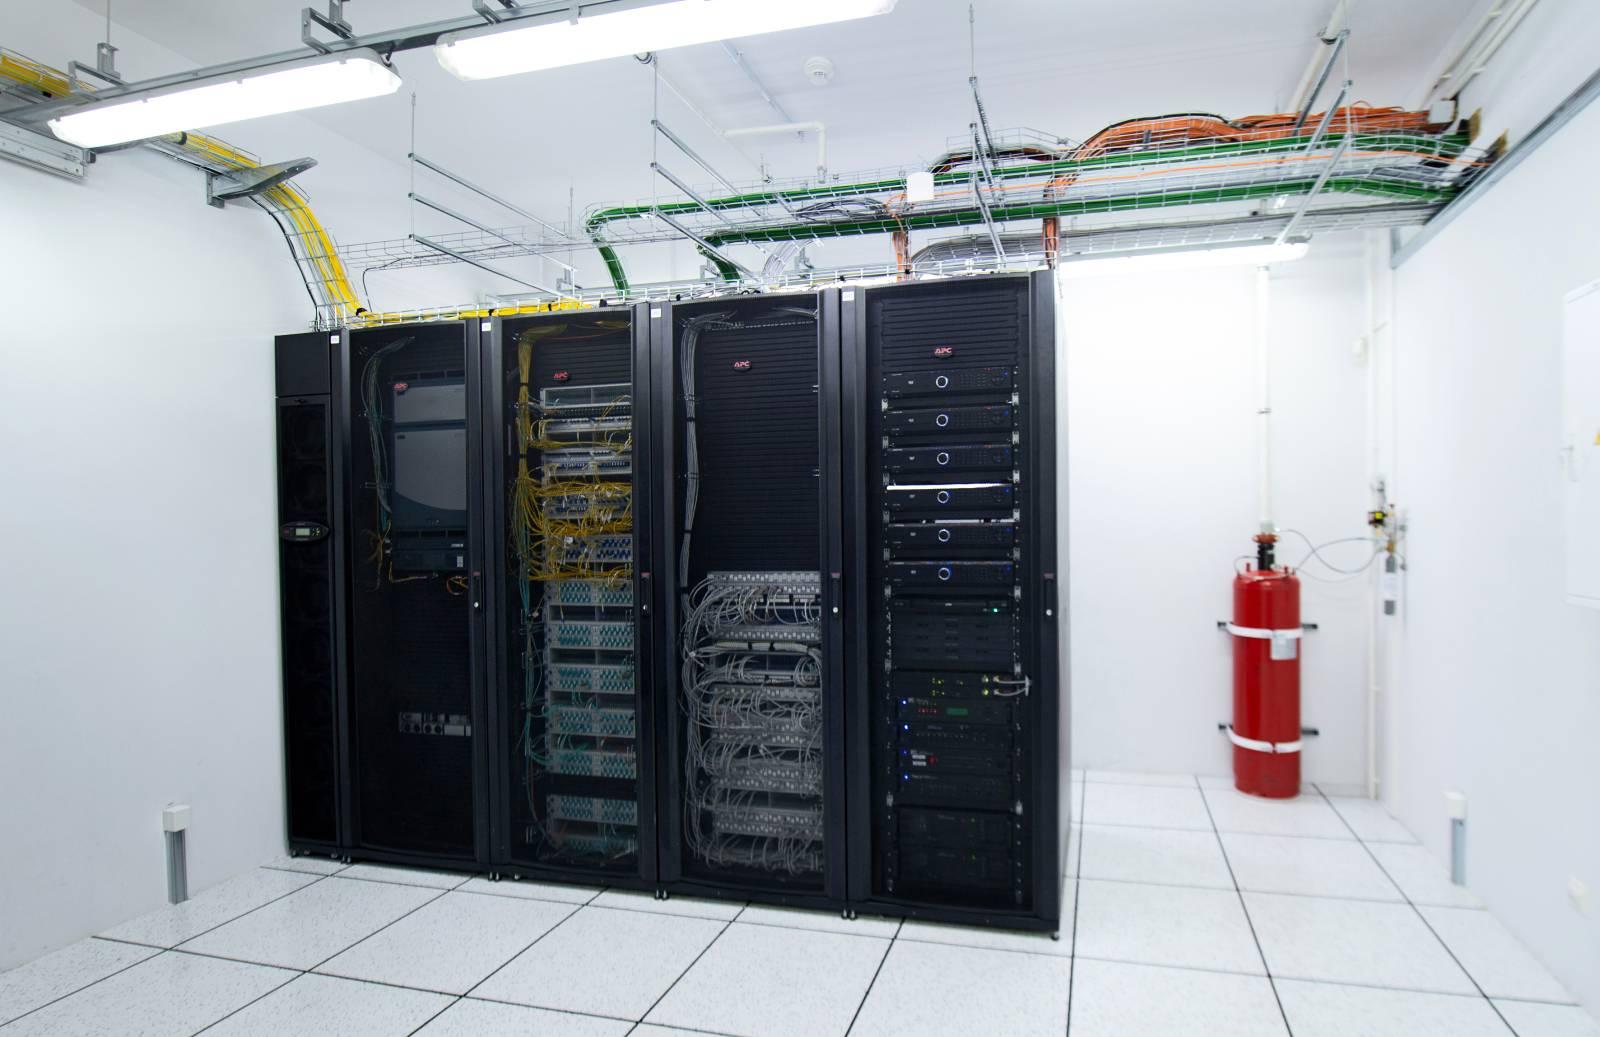 Оборудование телеком операторов